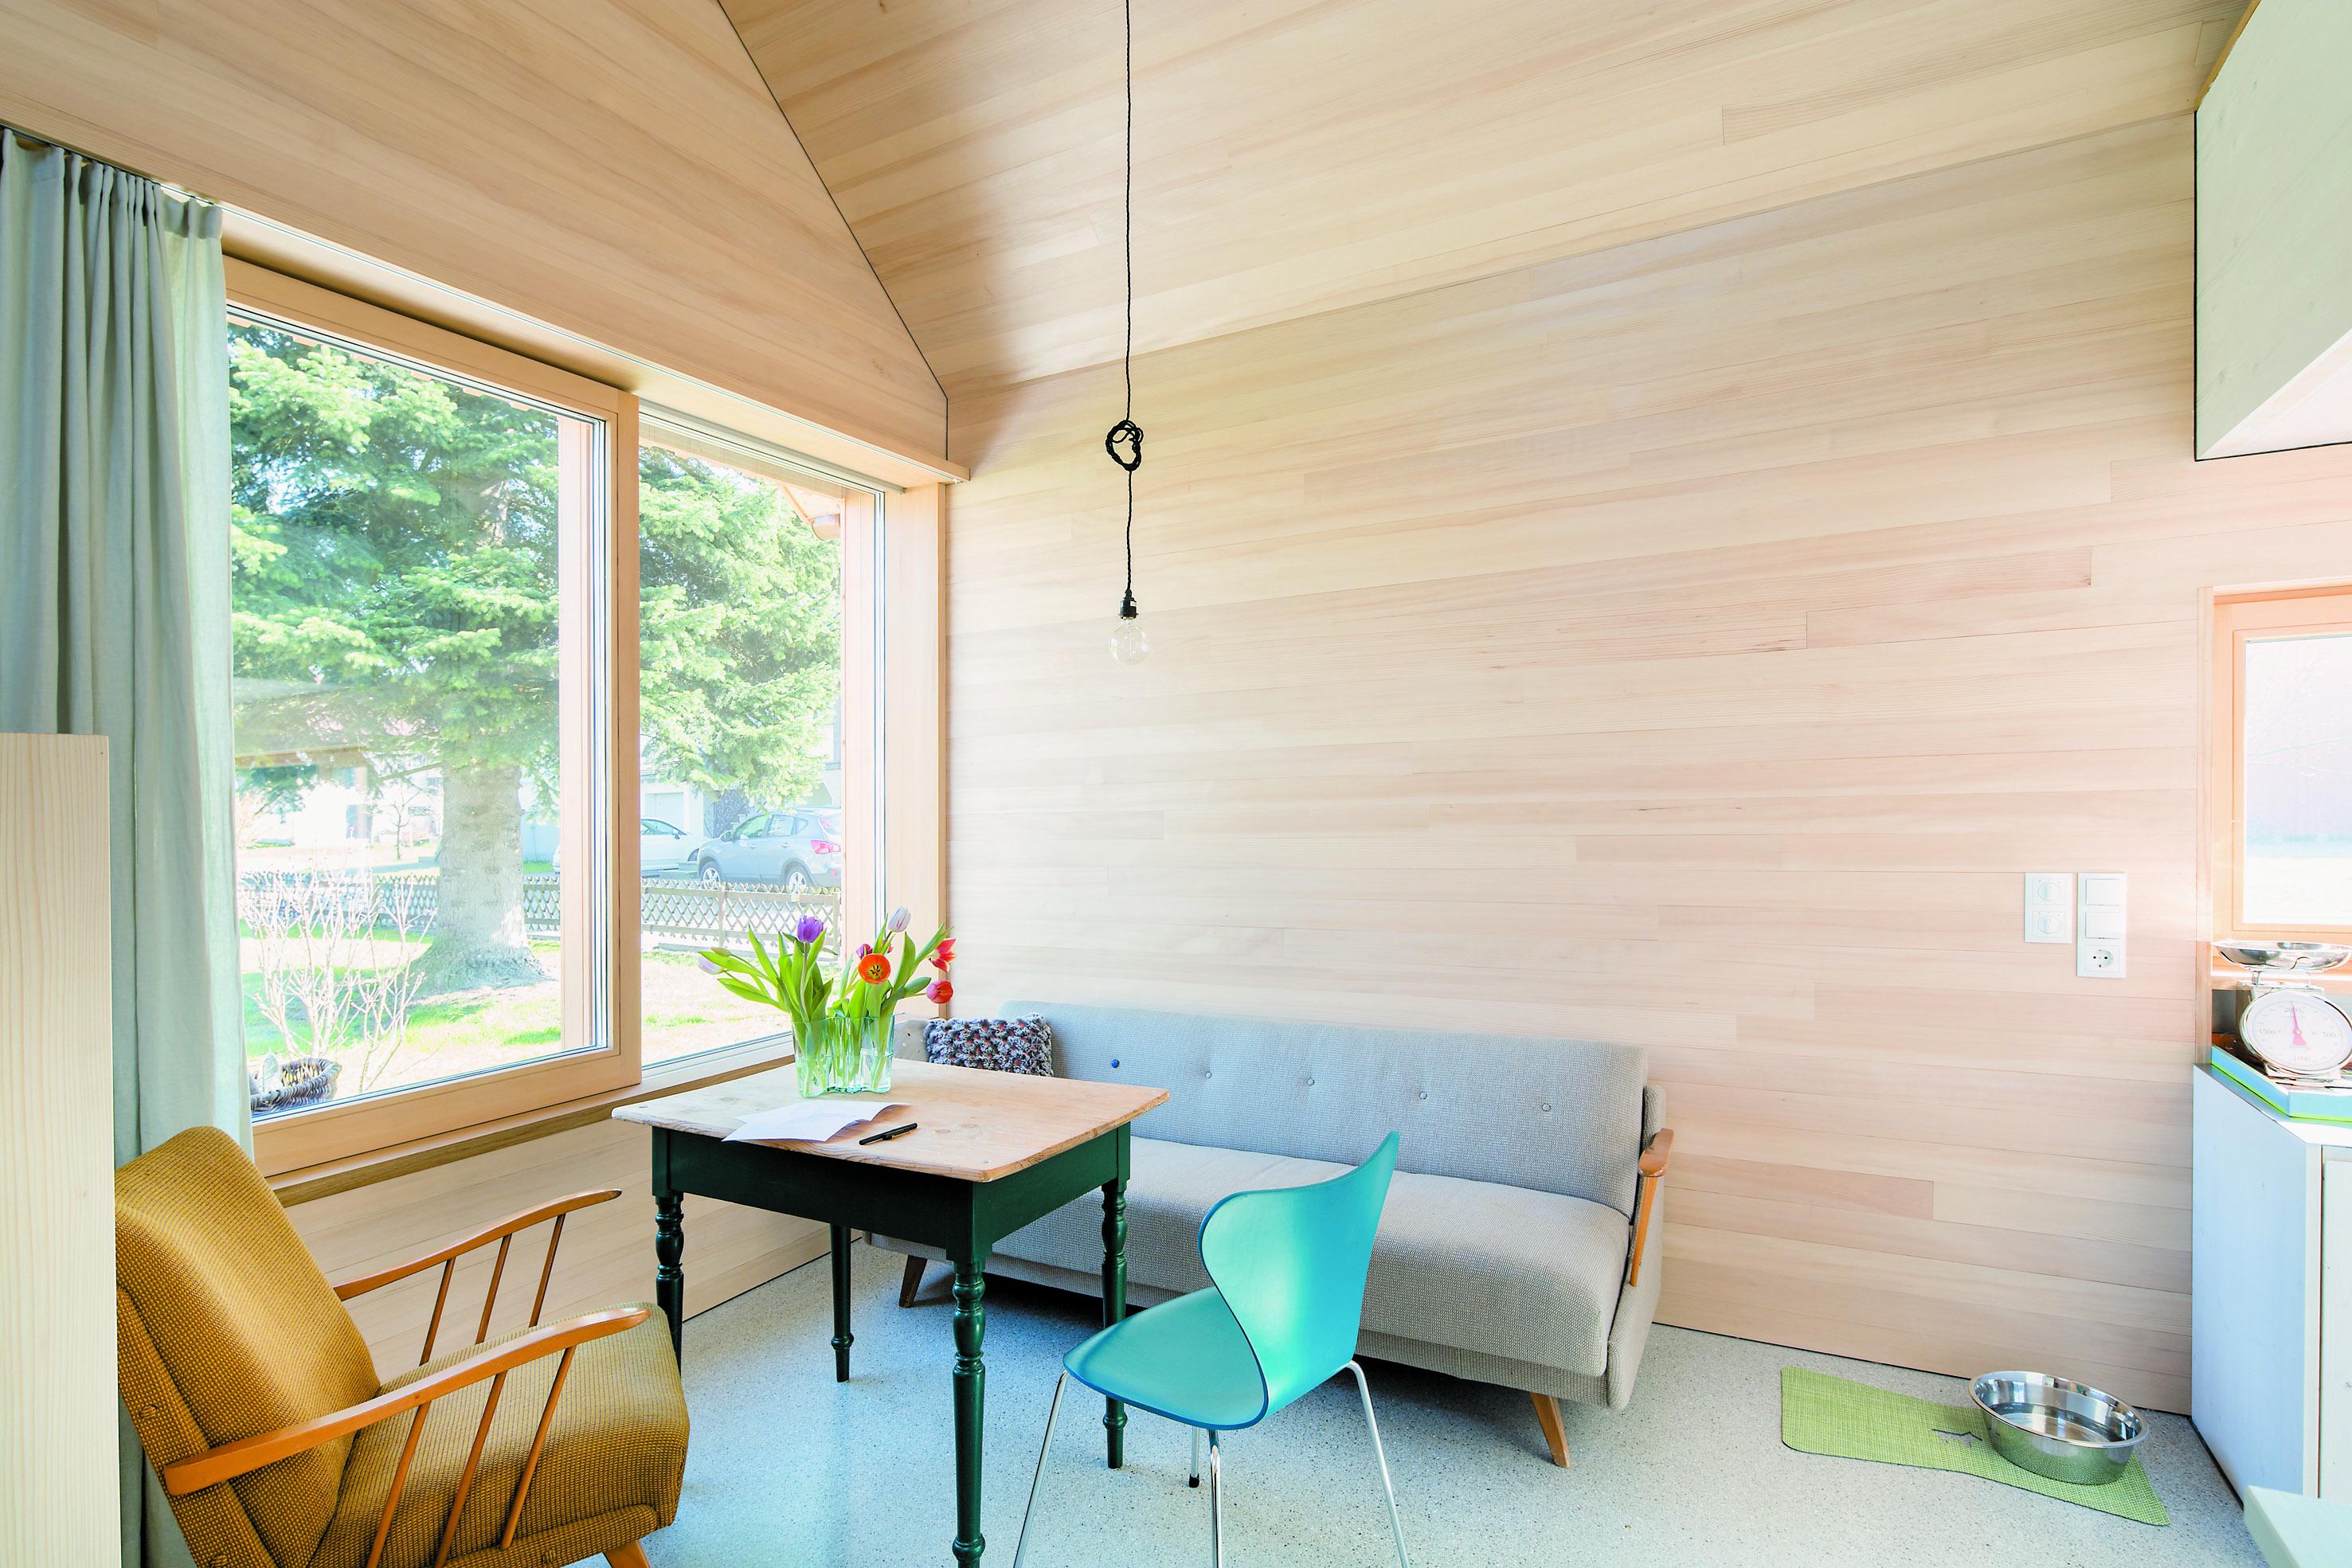 Kleines Haus Voll Kreativer Ideen   Lustenau | VOL.AT